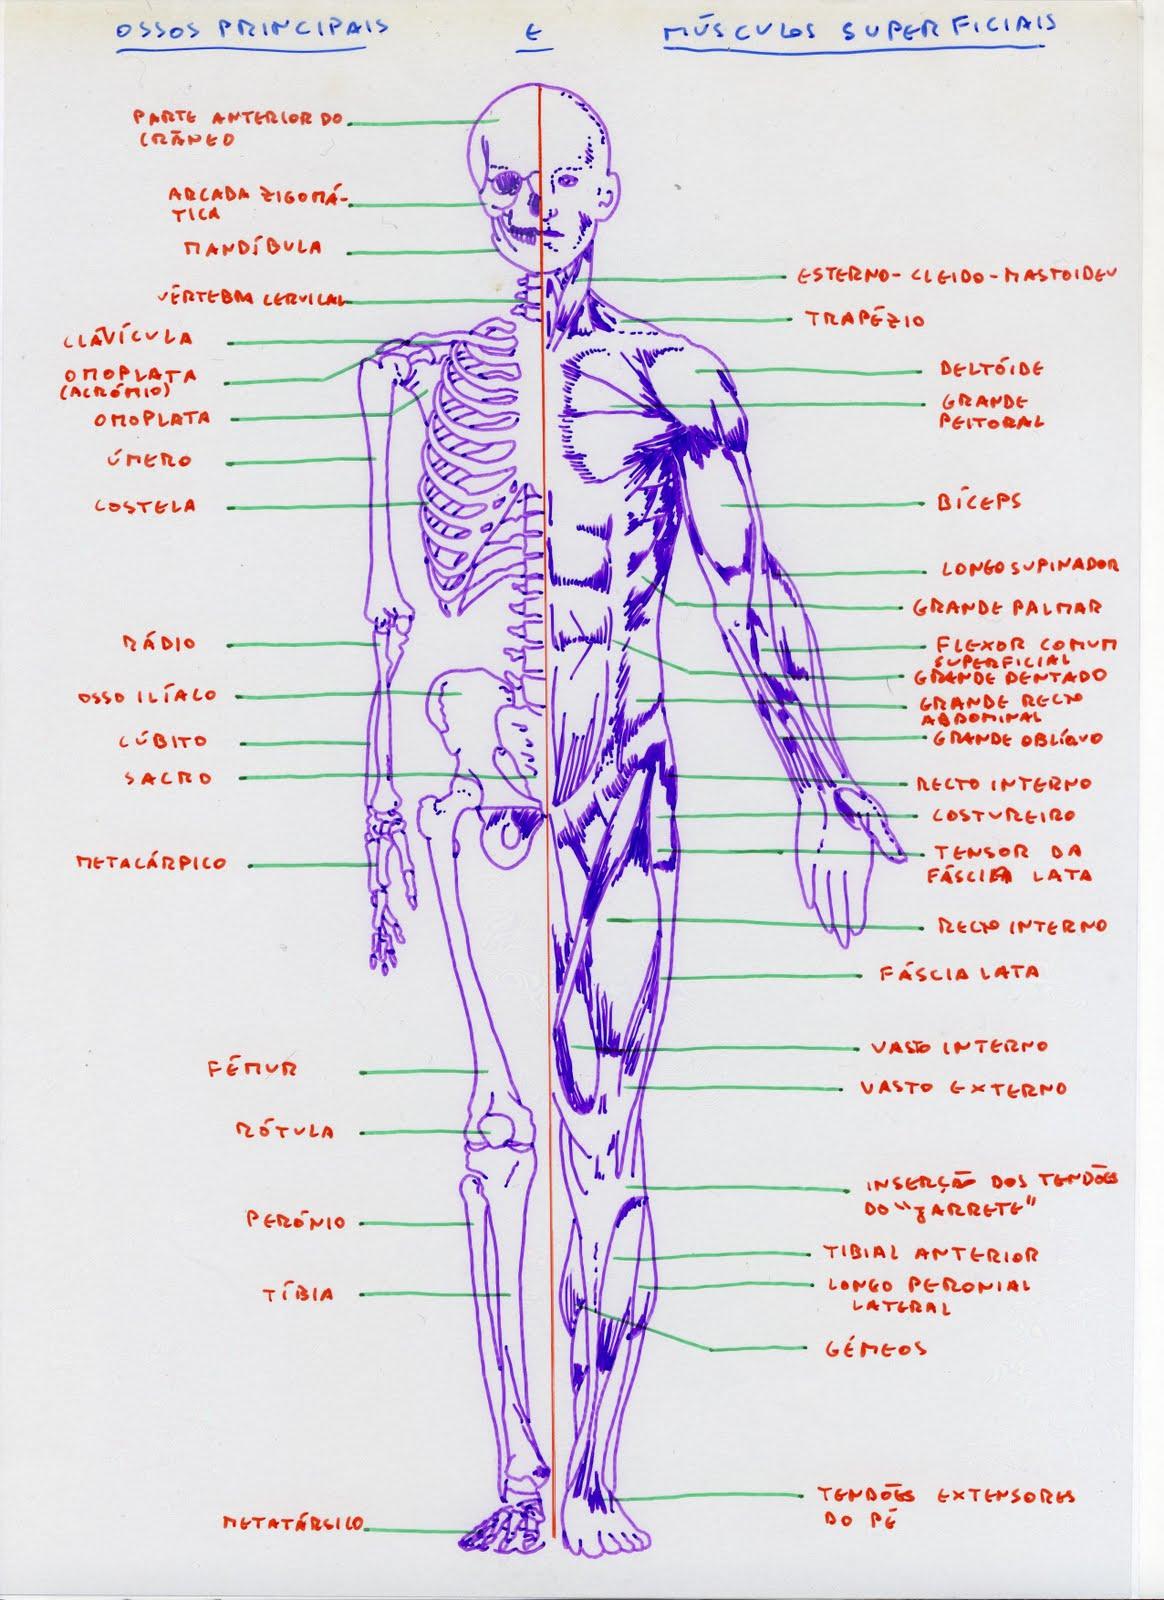 Influência de remoção de uma glândula de tireóide em uma potência